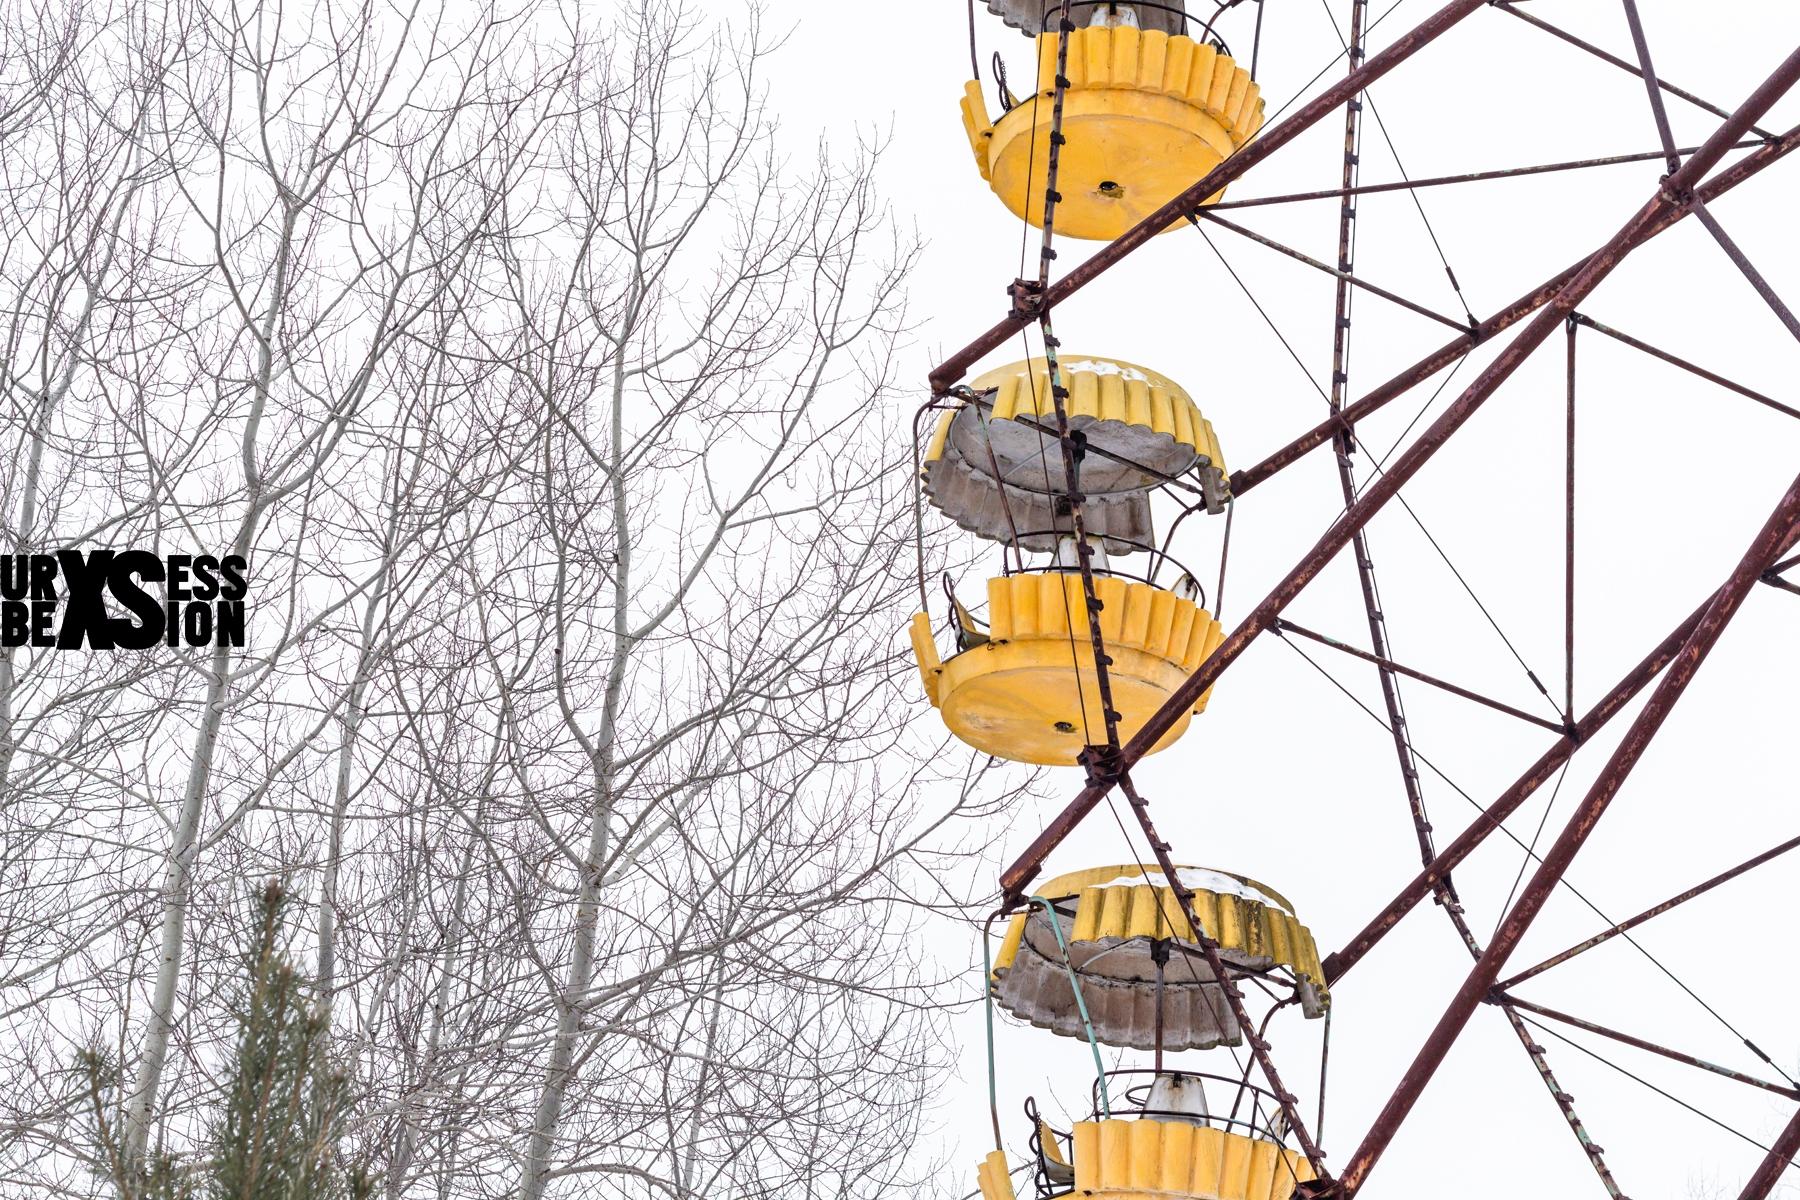 tchernobyl-prypiat-62